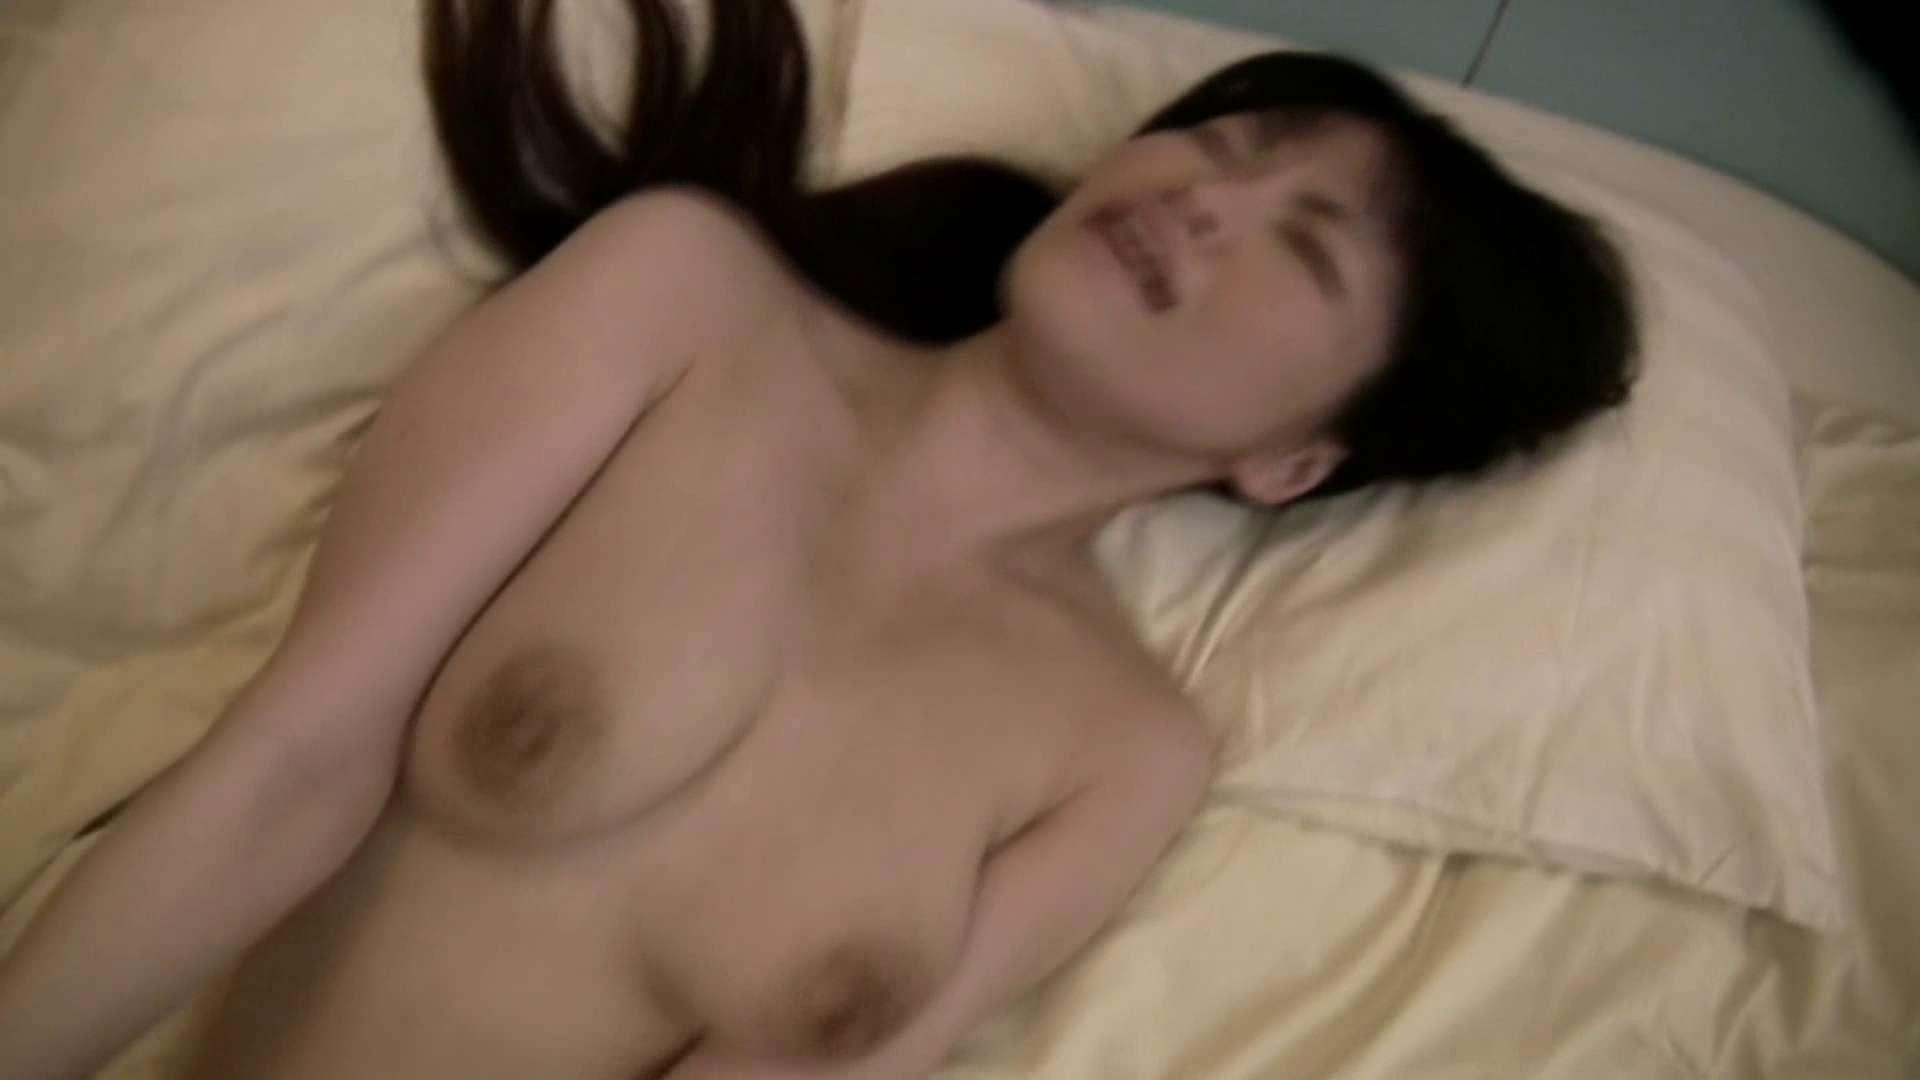 素人ナンパ本番撮り!出会い系でGET!Vol.07 オマンコ大放出   独身エッチOL  58pic 29